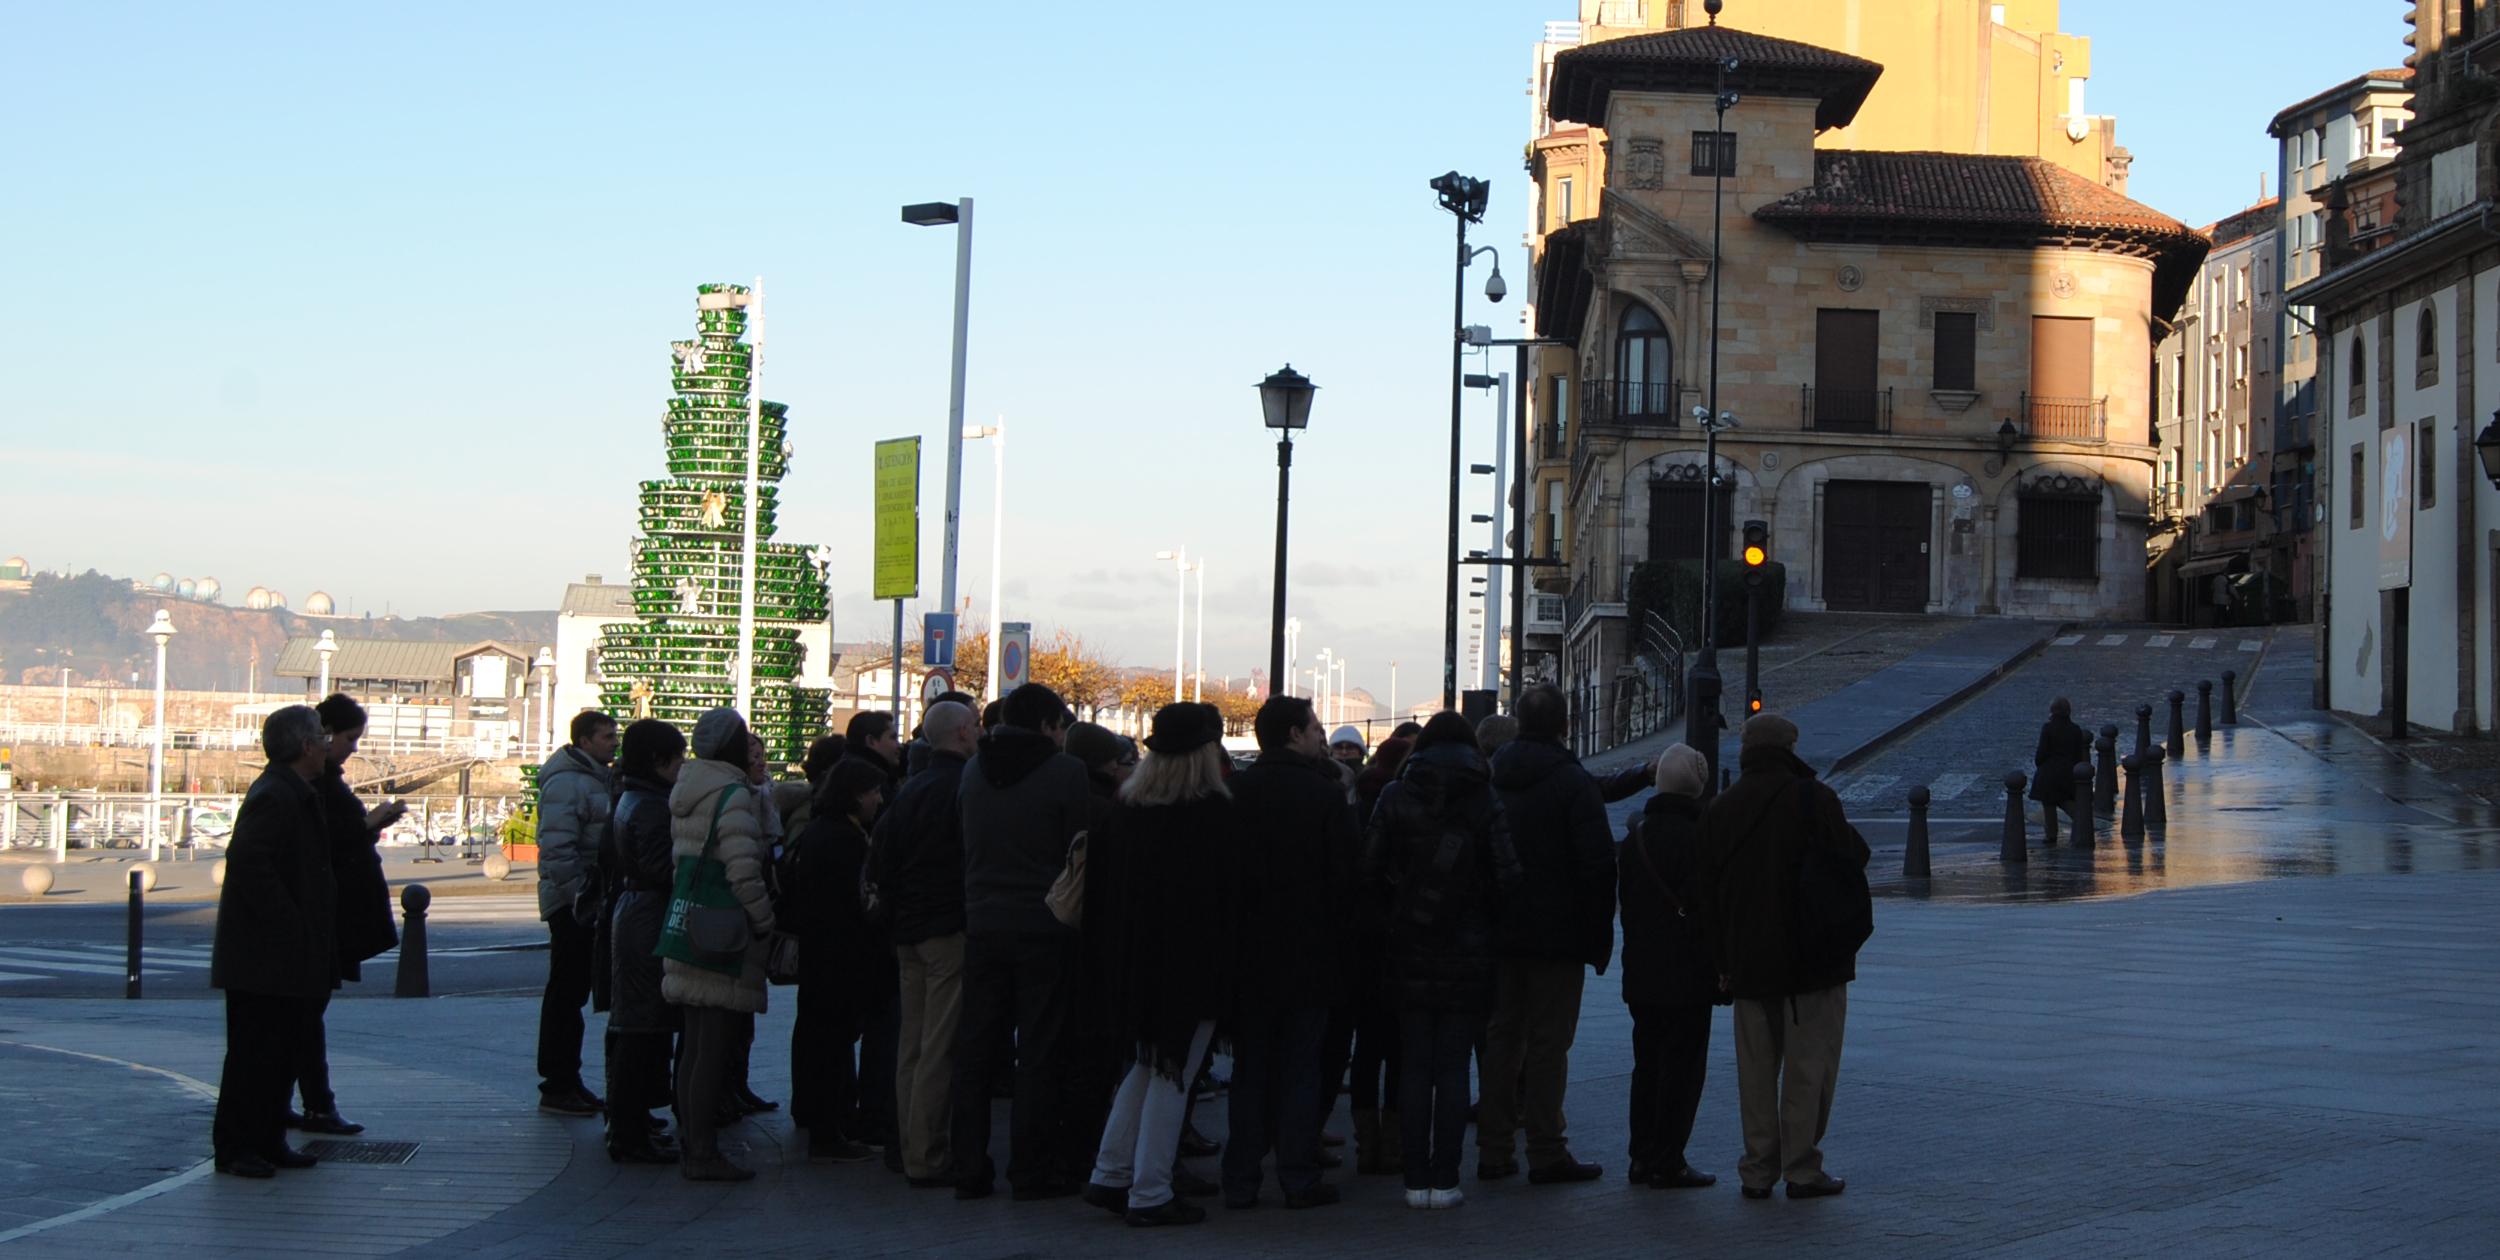 El grupo visitando el centro de Gijón